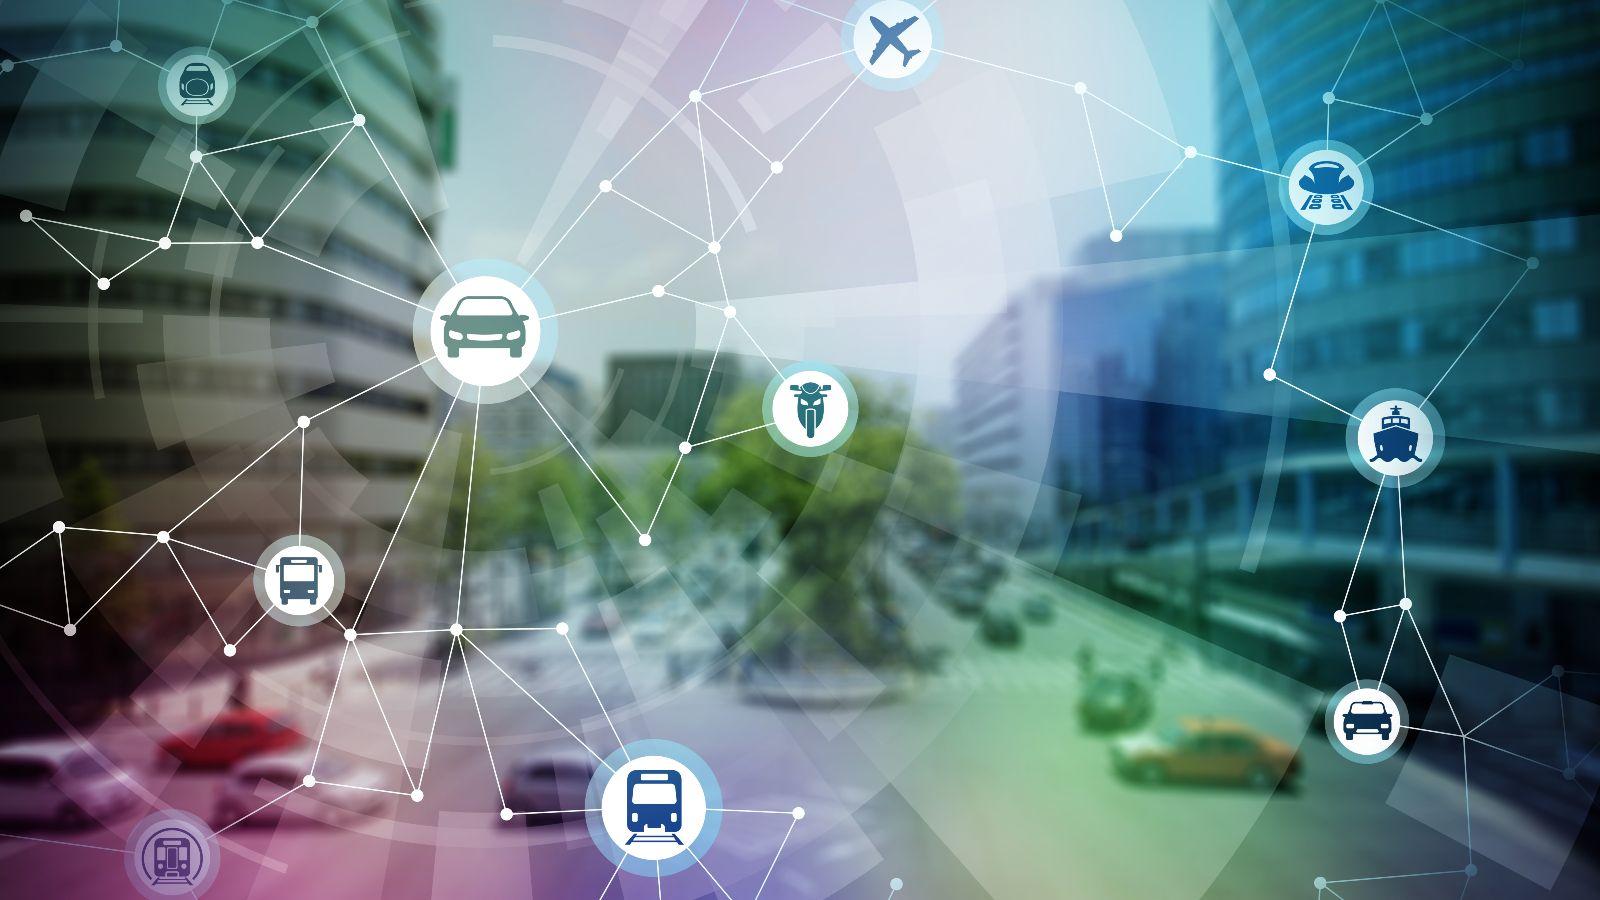 Verschiedene Mobilitätssymbole miteinander vernetzt im Vordergrund, im Hintergrund urbane Szene